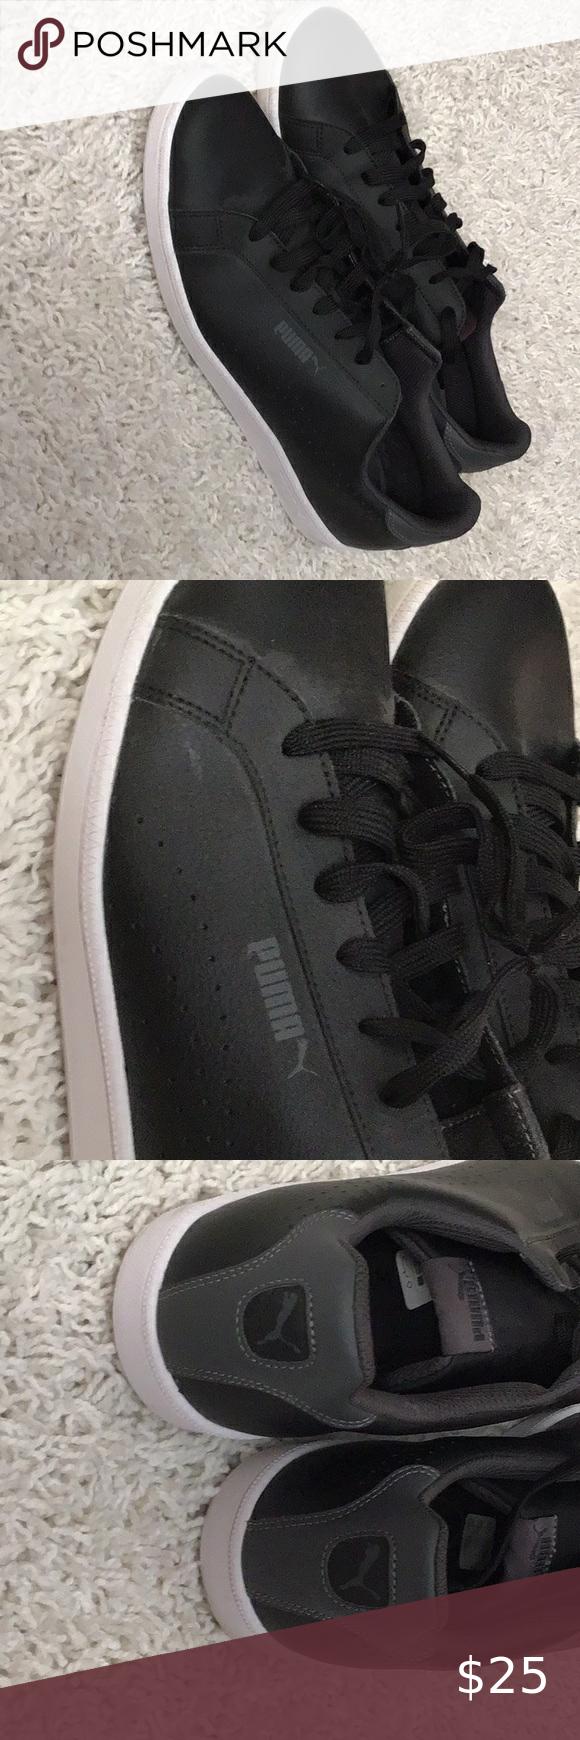 Puma, Men s shoes, Shoes black leather